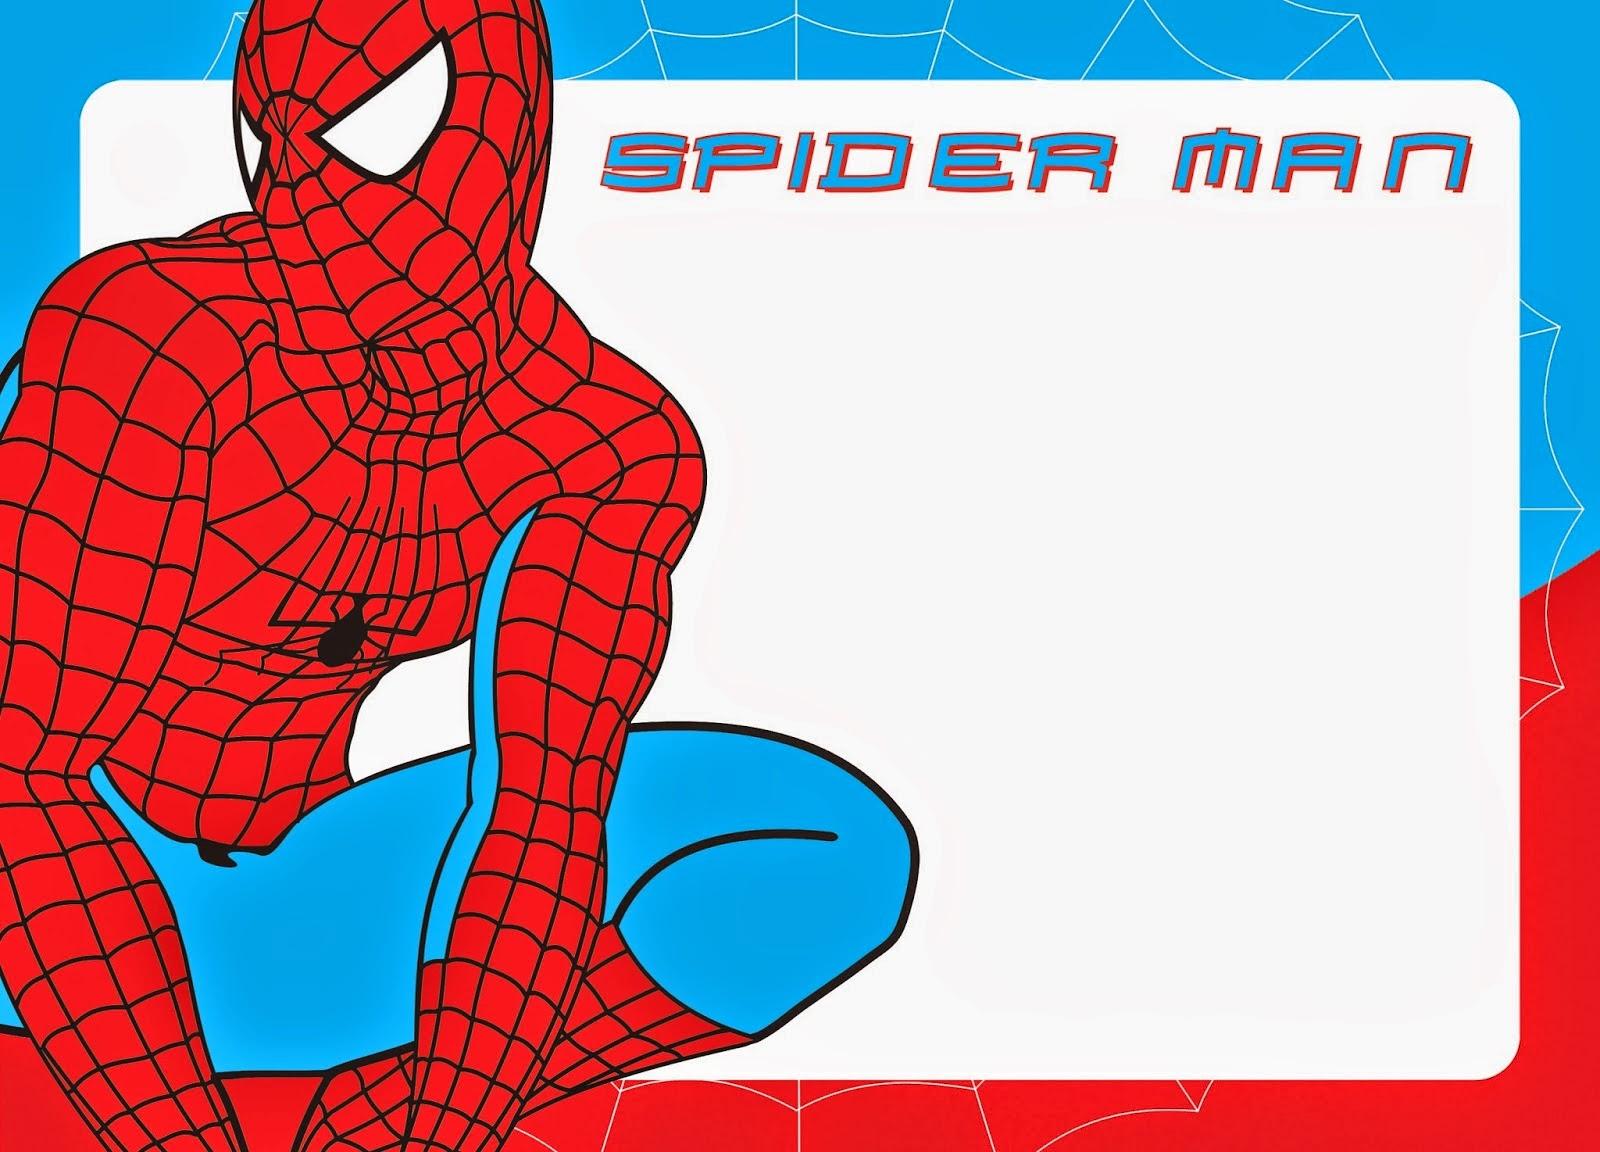 Printable Spiderman Birthday Invitations as luxury invitation ideas